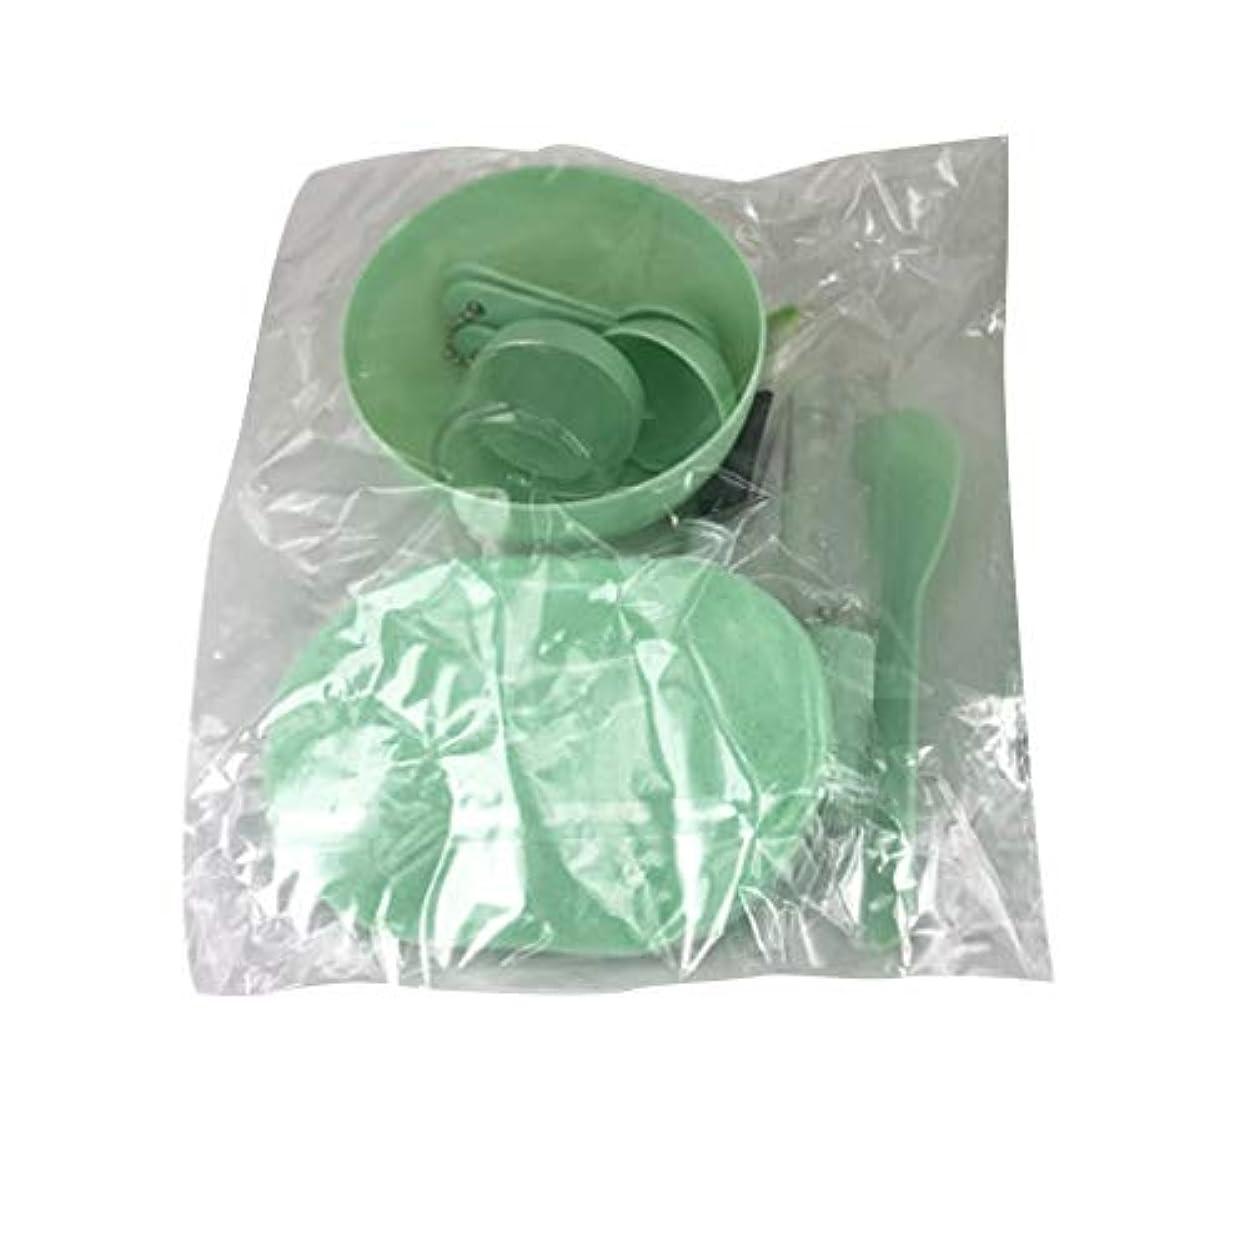 発信コンドームマンモスNerhaily 美容パック用道具 マスクツール プラスチックボウル メイクアップツール フェイシャルマスクツール 9点セット DIY用品 スライム用ボウル サロン用具 全3色あり